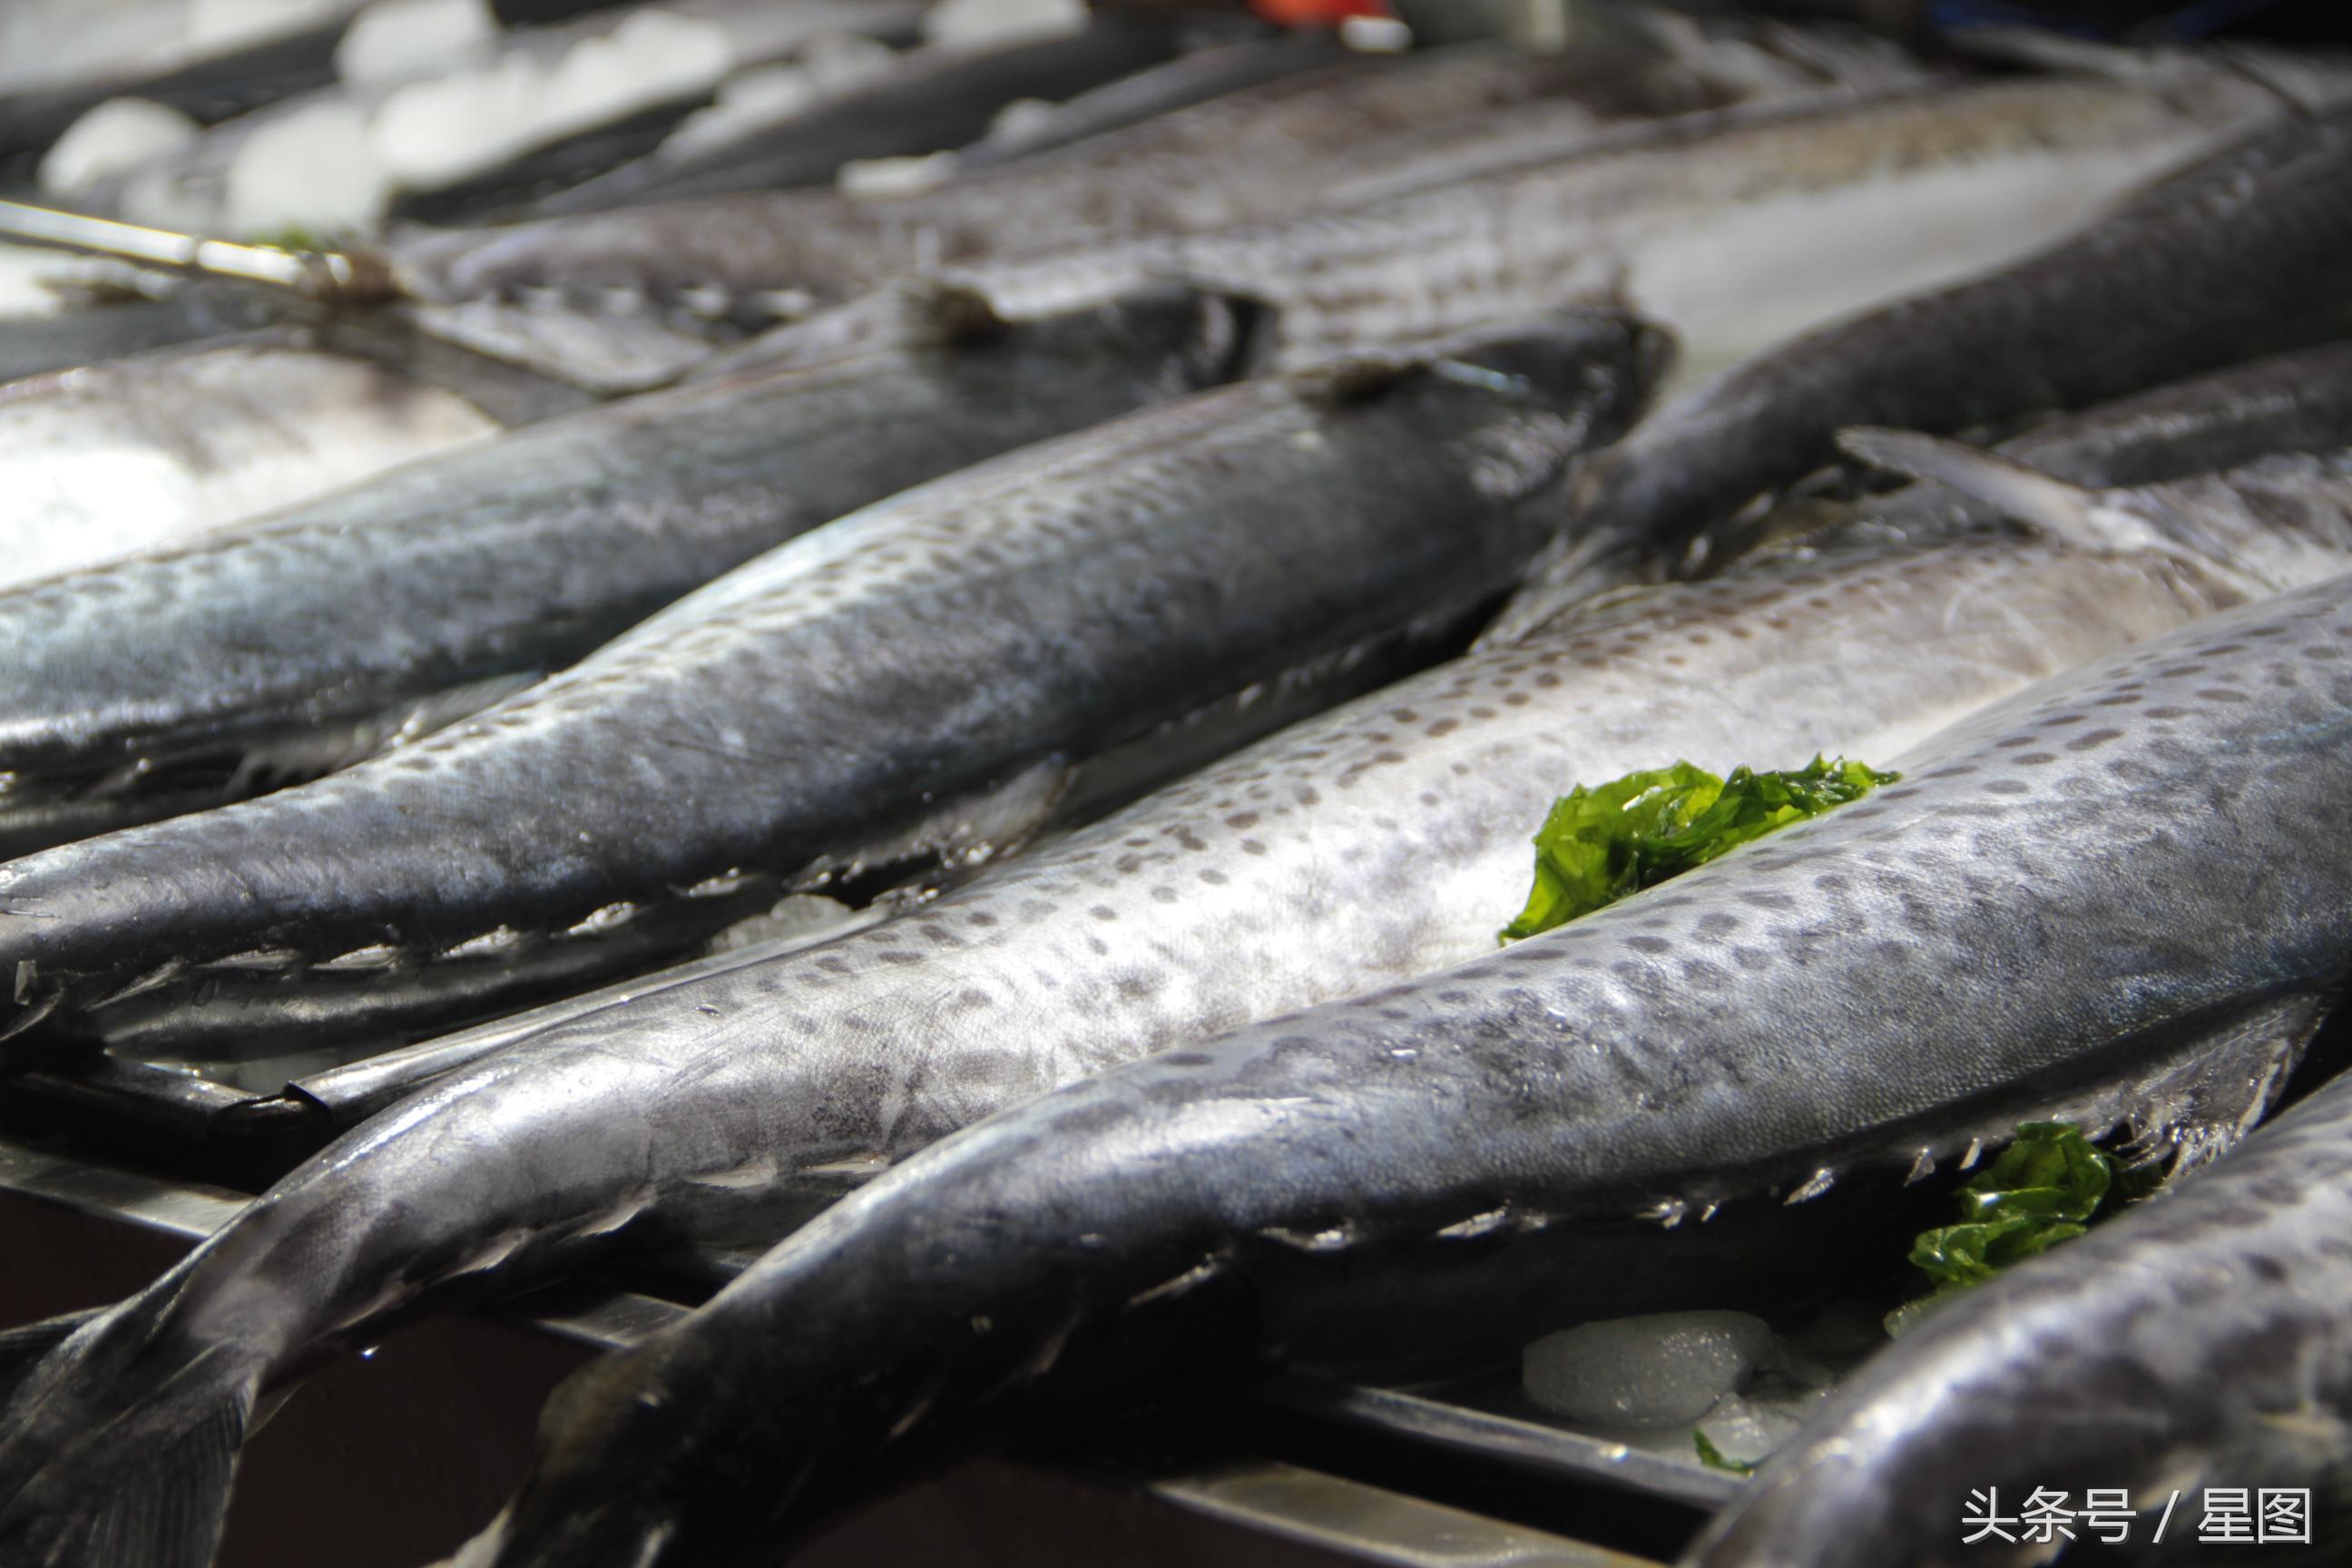 鲅鱼跳 丈人笑!青岛鲅鱼上市 每条20斤比孩子都大